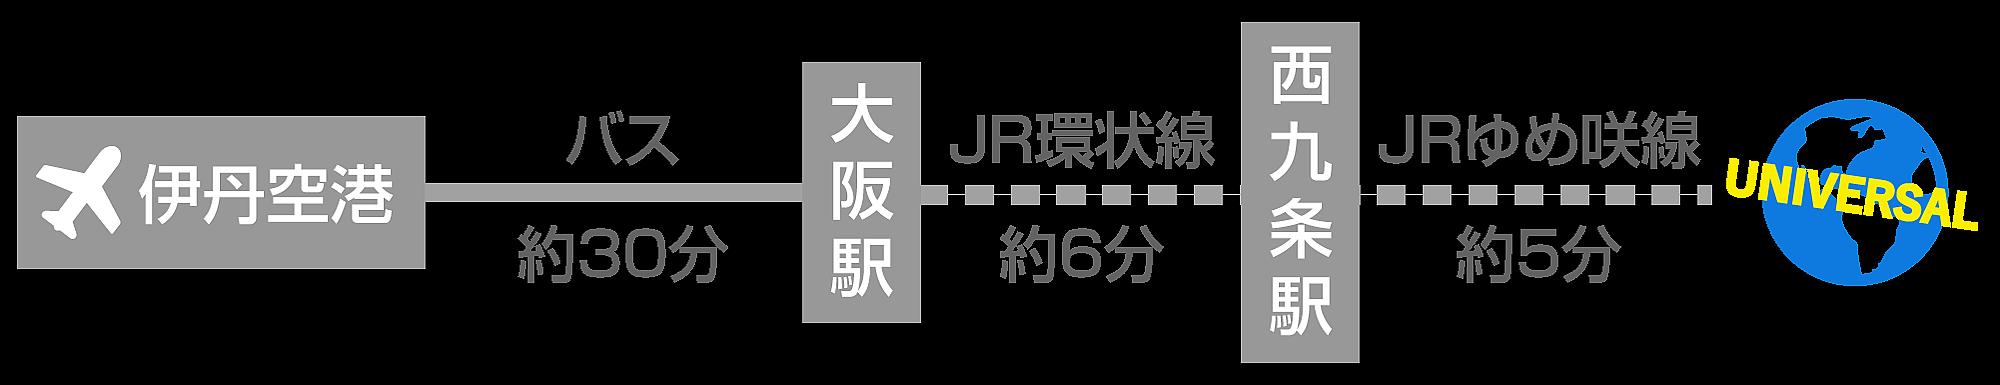 伊丹空港から電車でUSJ